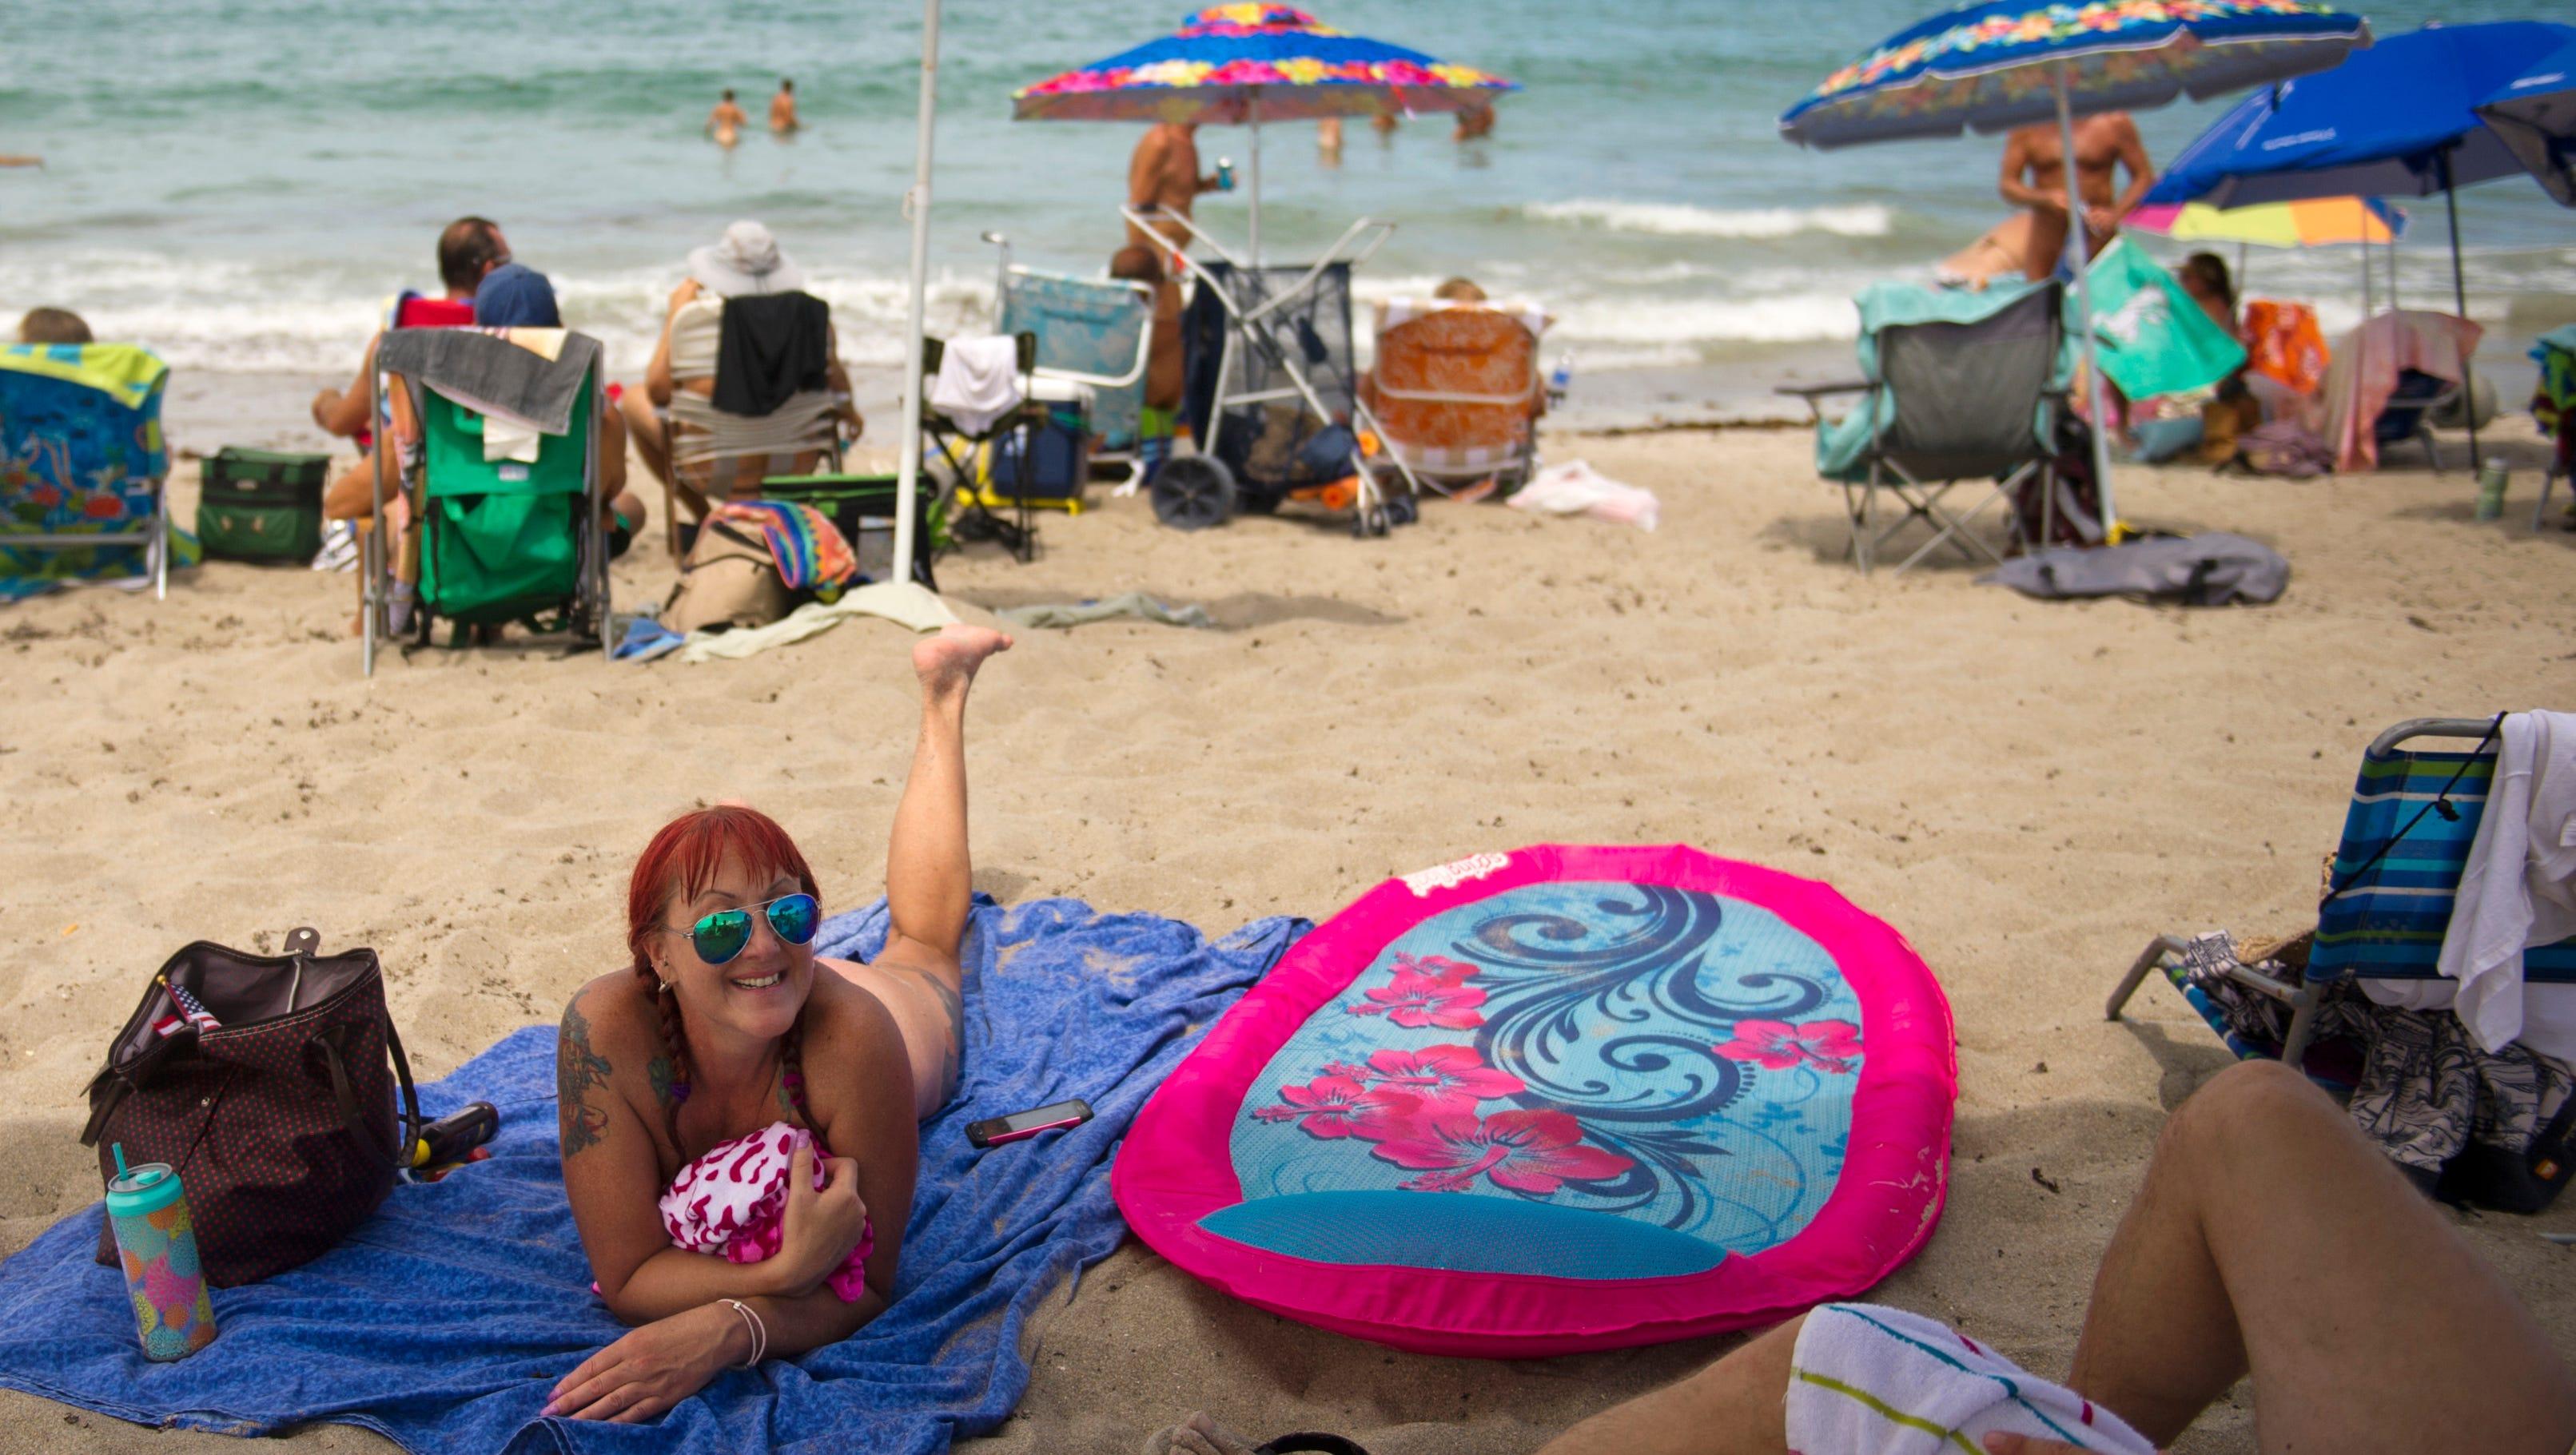 Photos nude beach Beach Couple